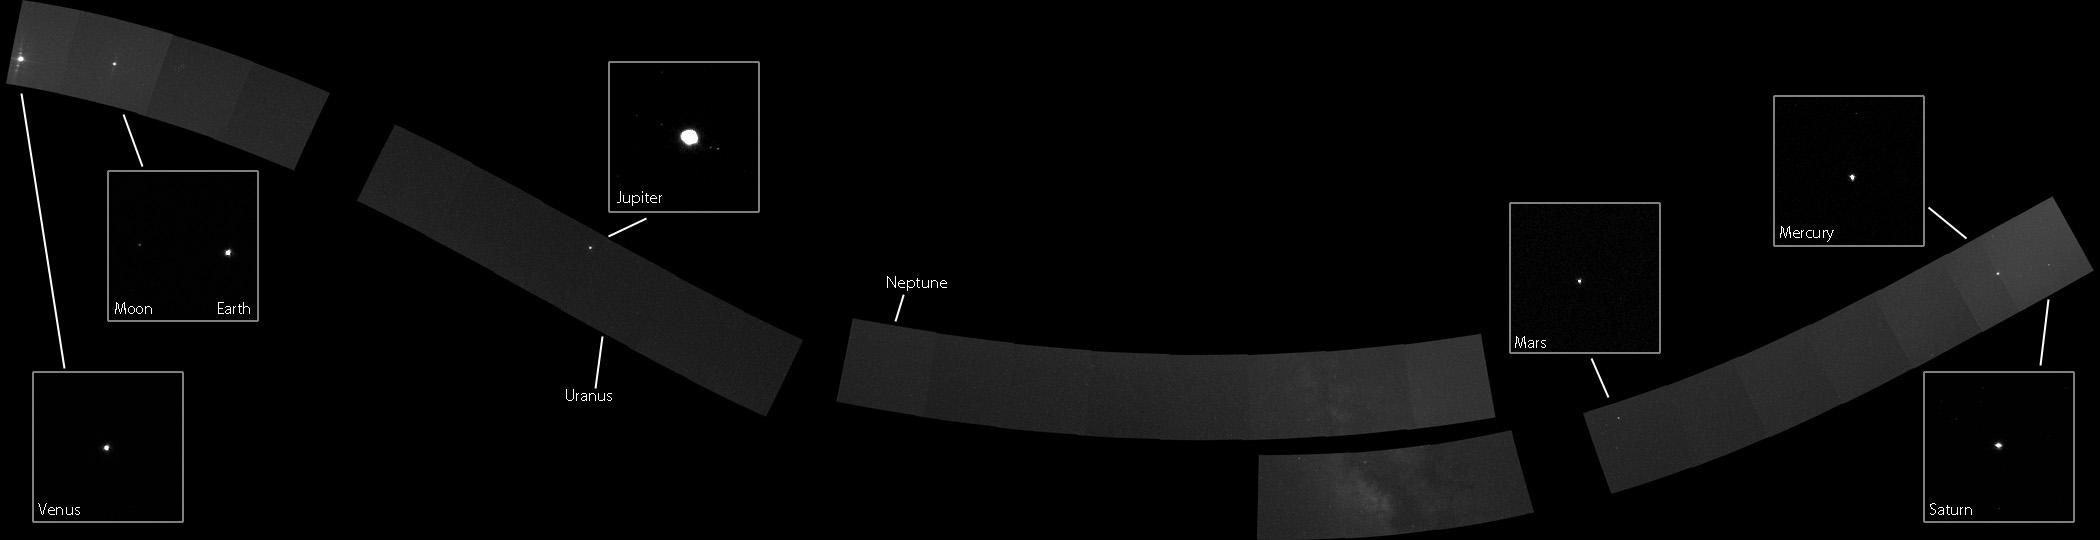 nasa solar system portrait - photo #13